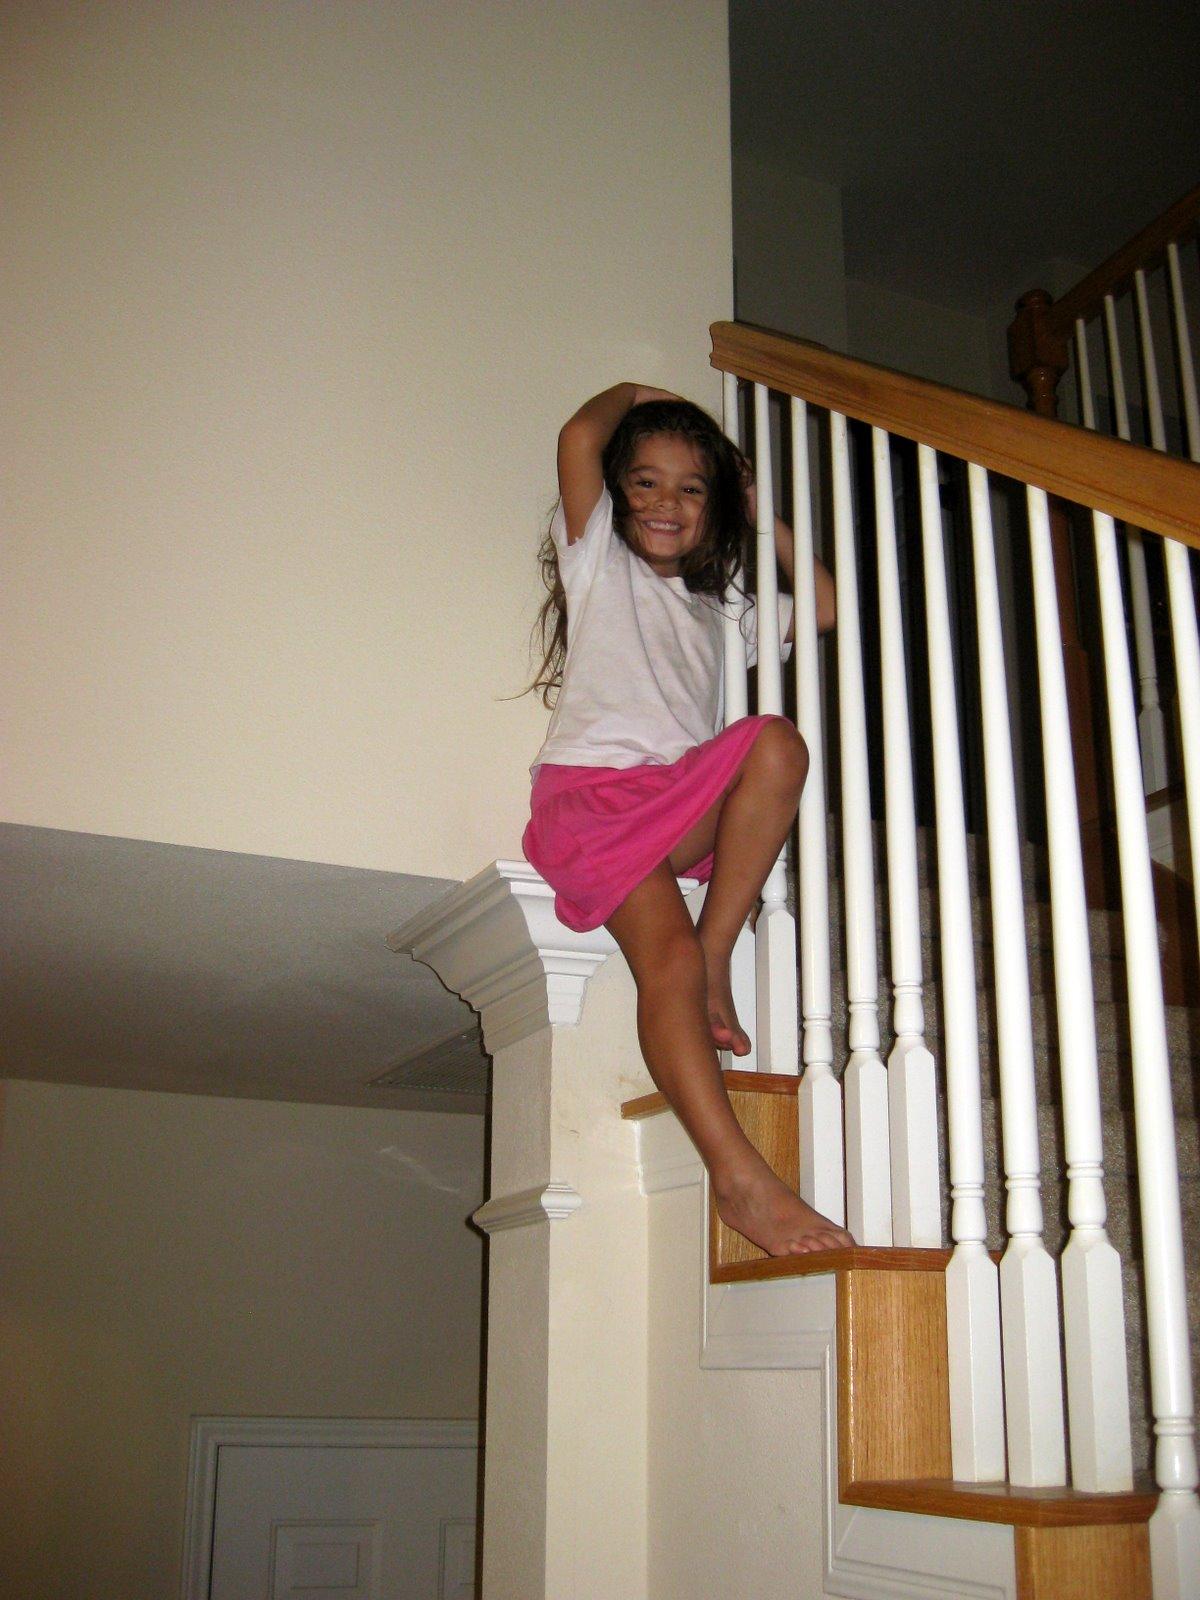 uma puma big girl blog l 39 esprit de l 39 escalier